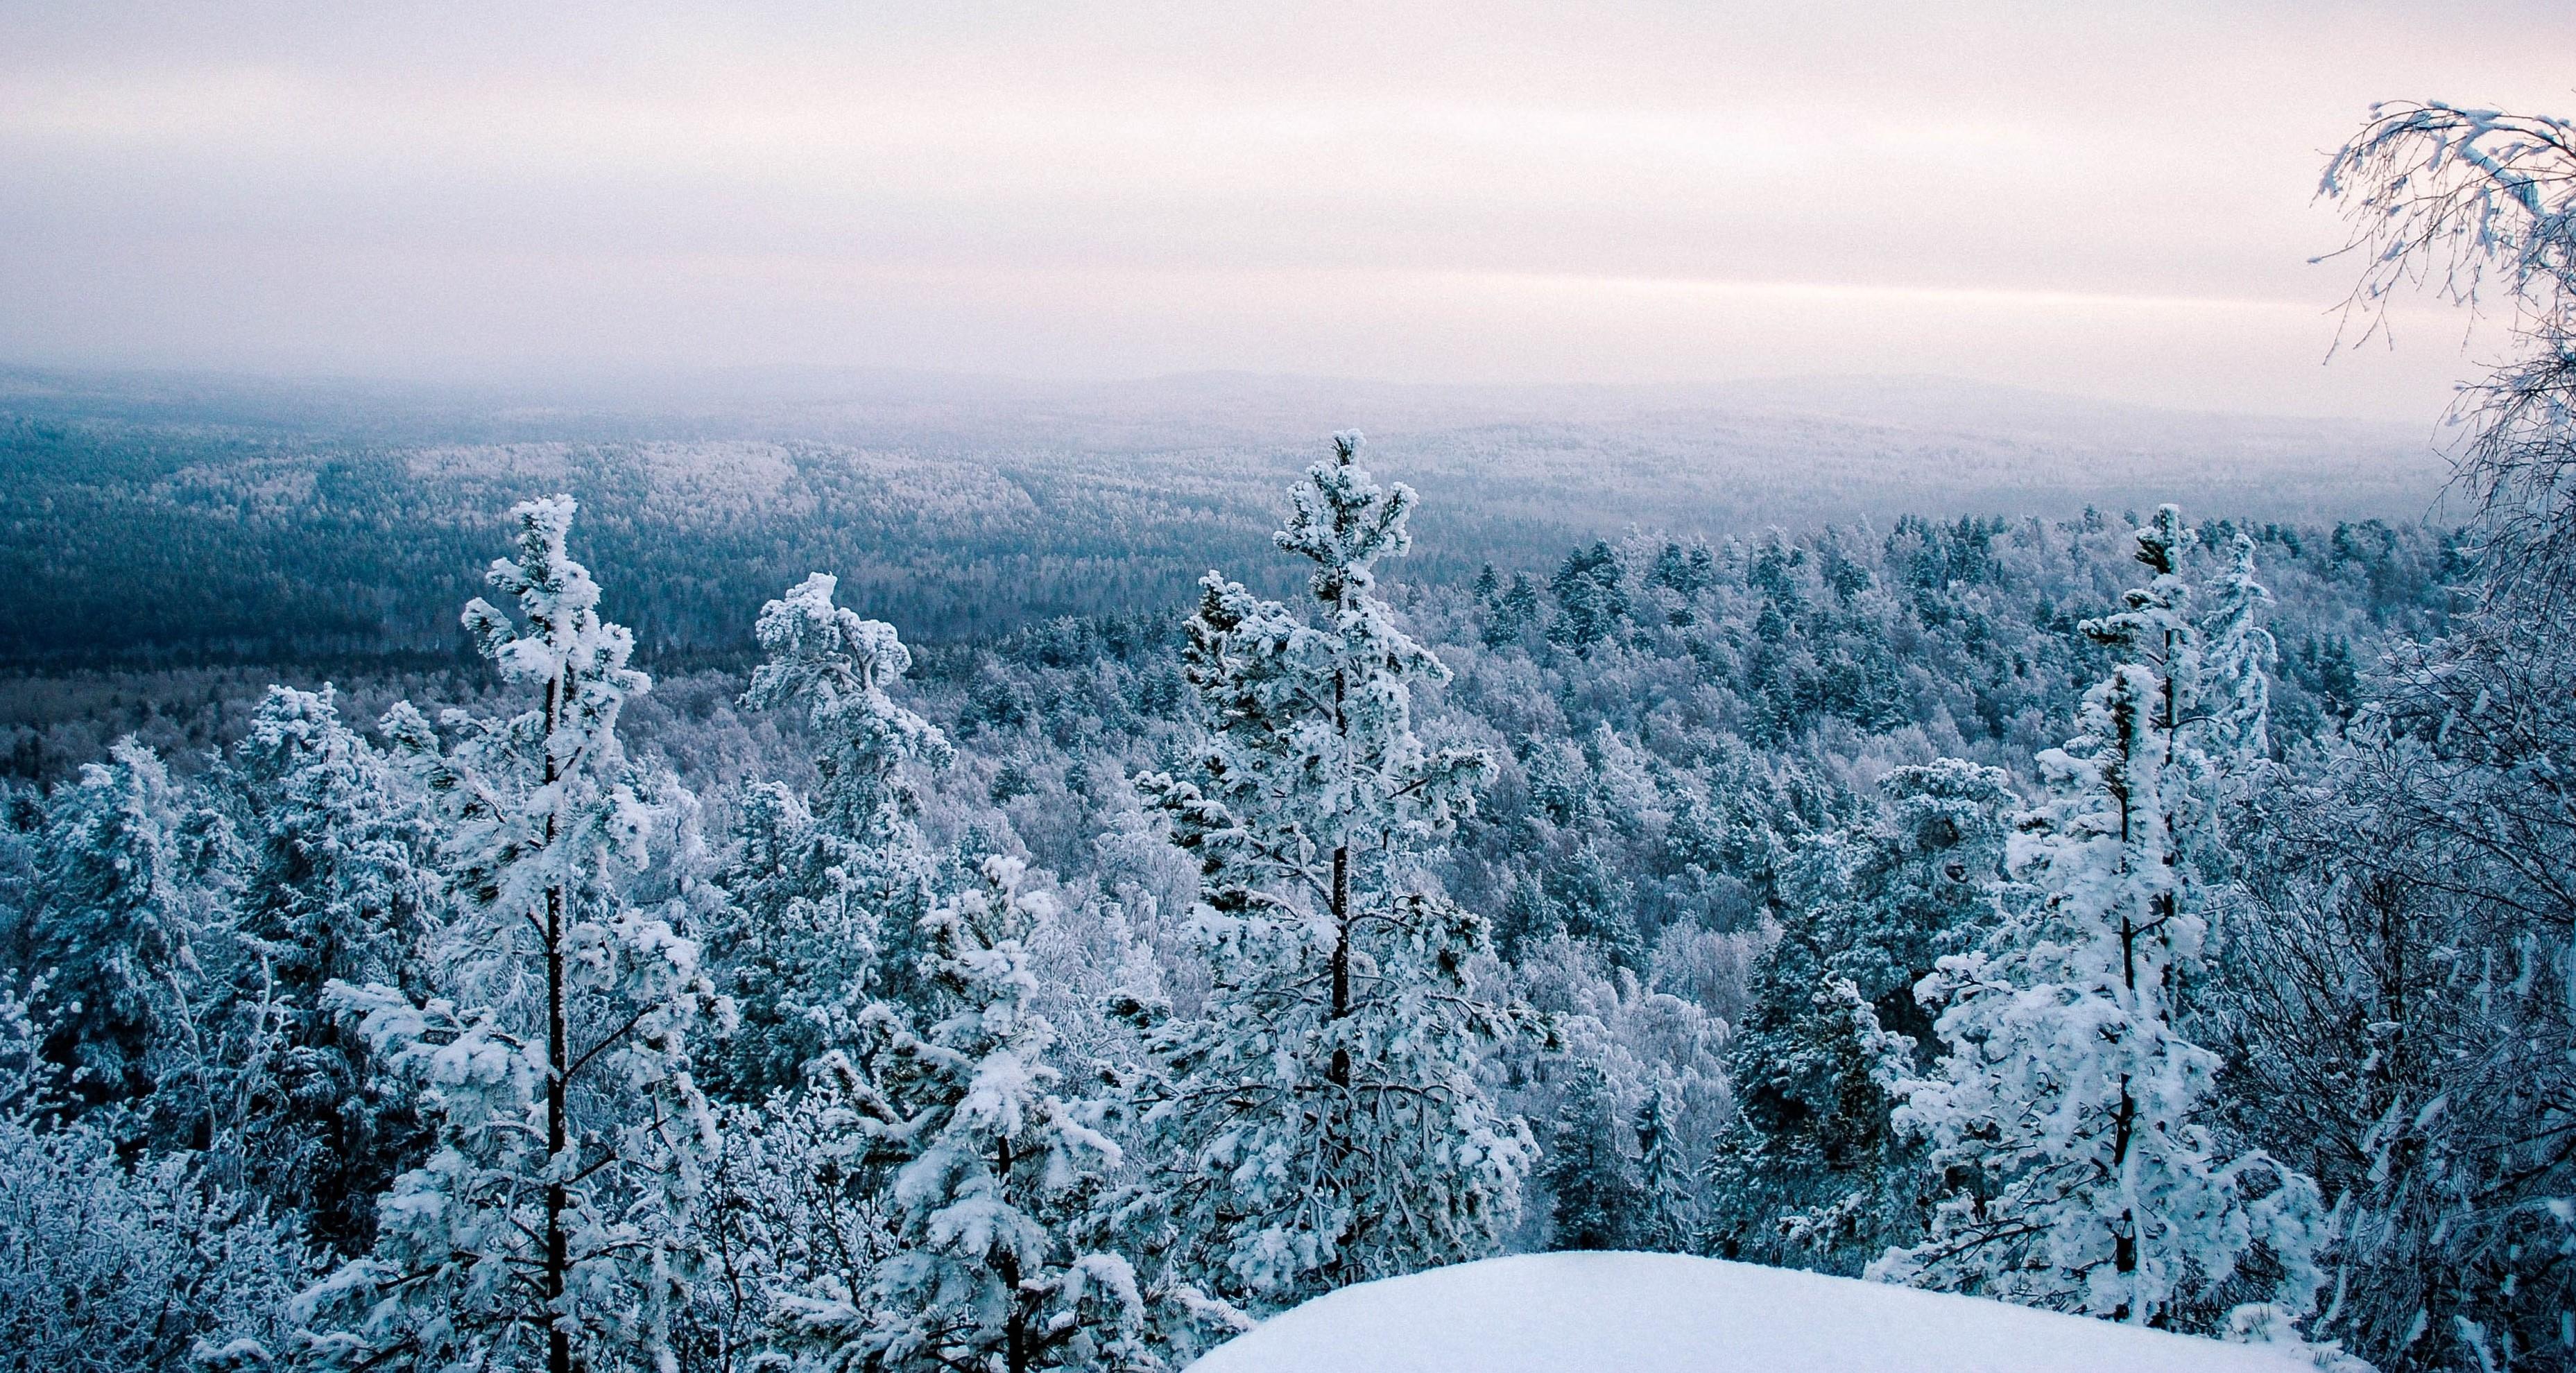 природа Свердловской области, особенности природы, Азов гора, флора и фауна Свердловской области, природные достопримечательности